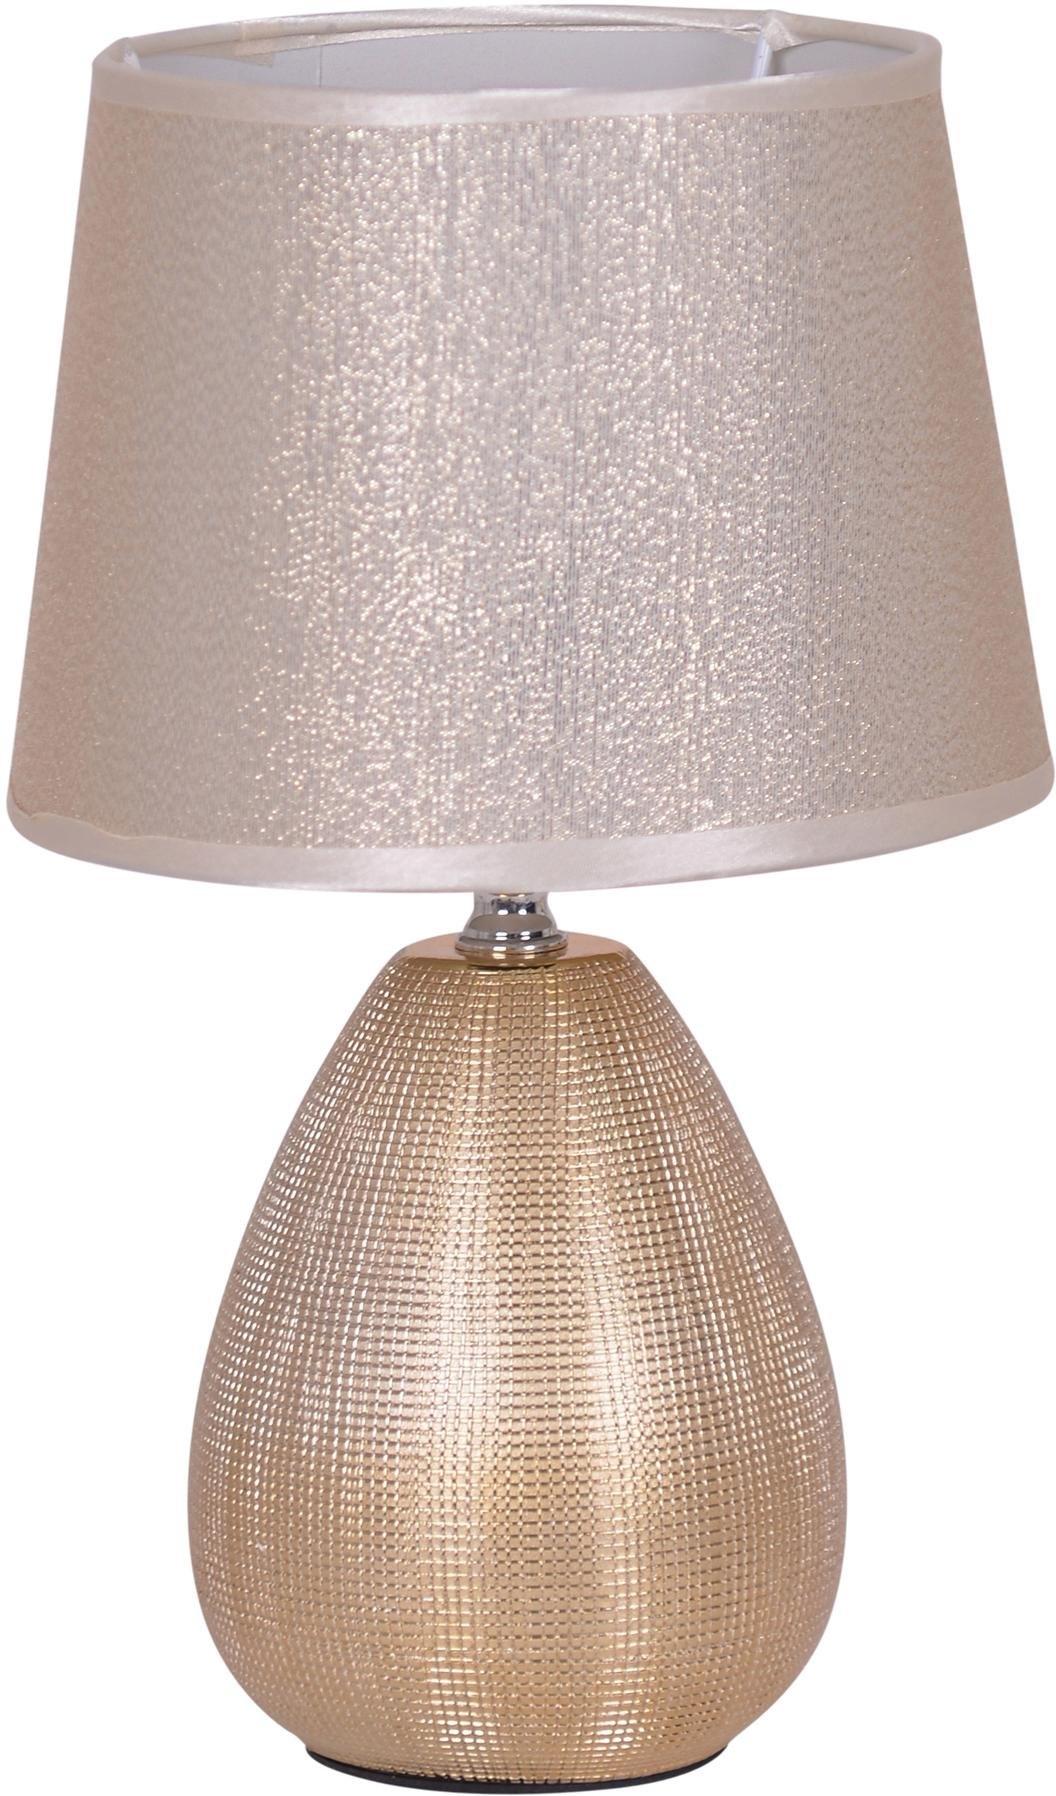 Op zoek naar een näve Tafellamp SIMPLY CERAMICS? Koop online bij OTTO